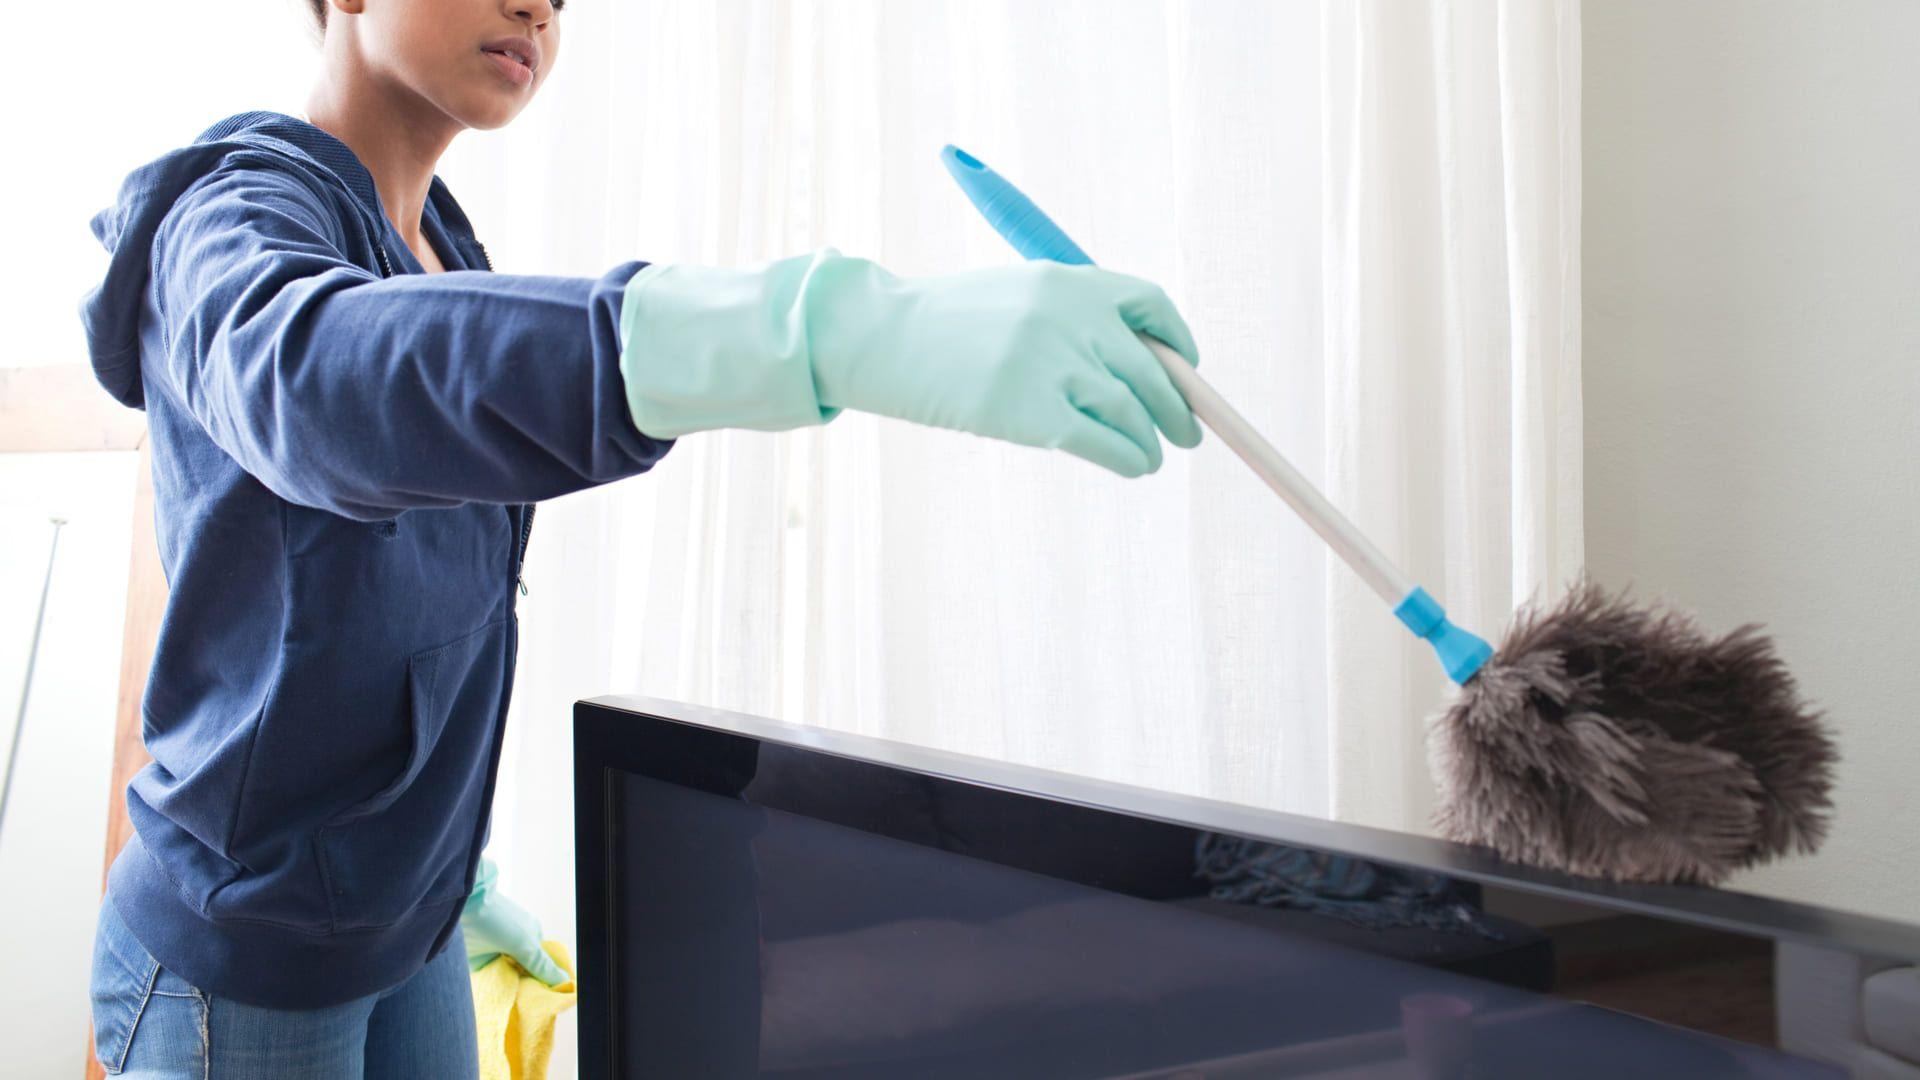 O espanador é um dos aliados de como limpar tela de TV (Imagem: Reprodução/Shutterstock)